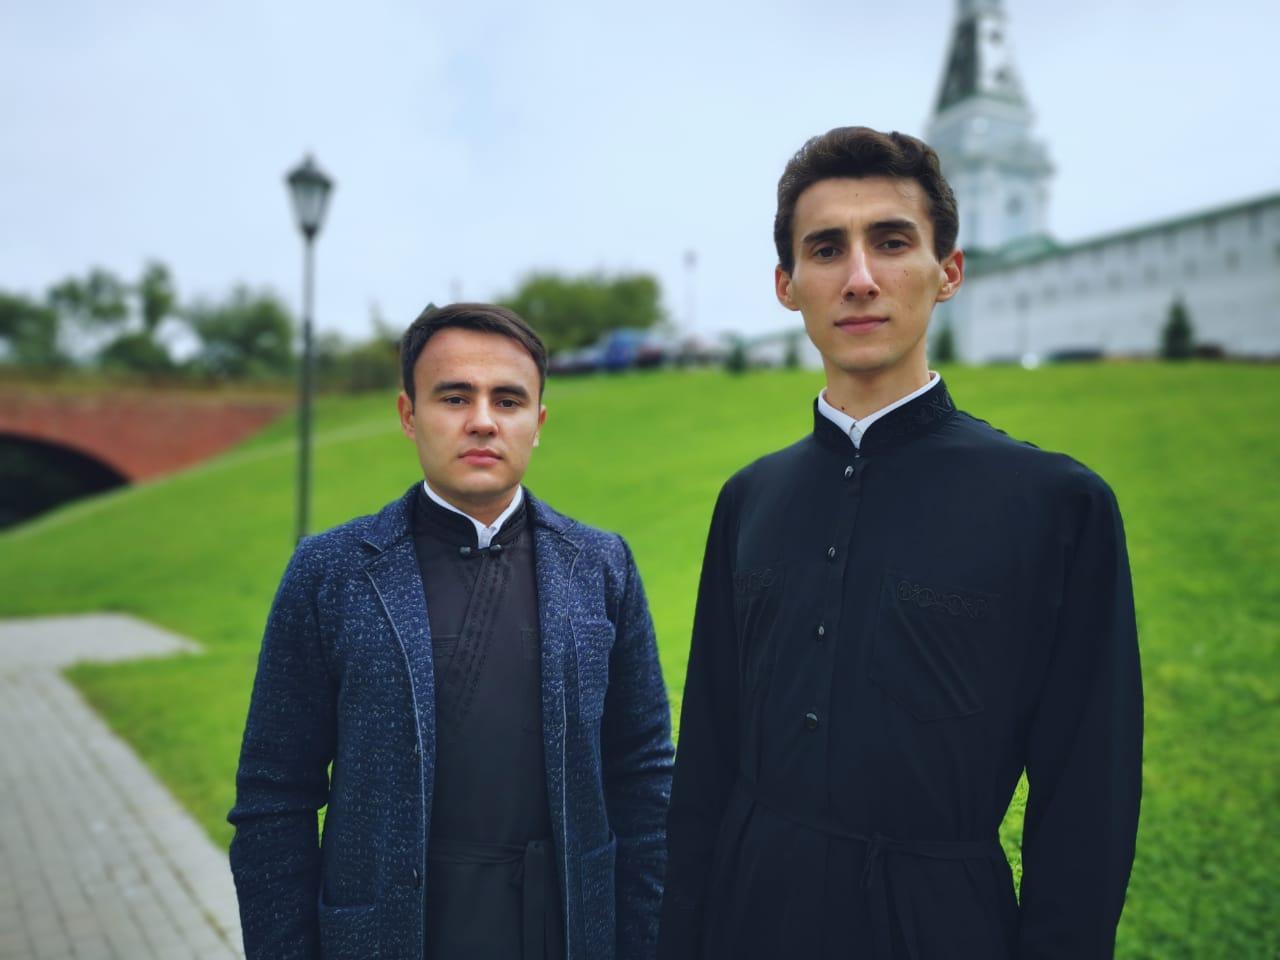 Миссия православного лагеря-это содействие духовному и нравственному становлению личности ребенка как члена Церкви